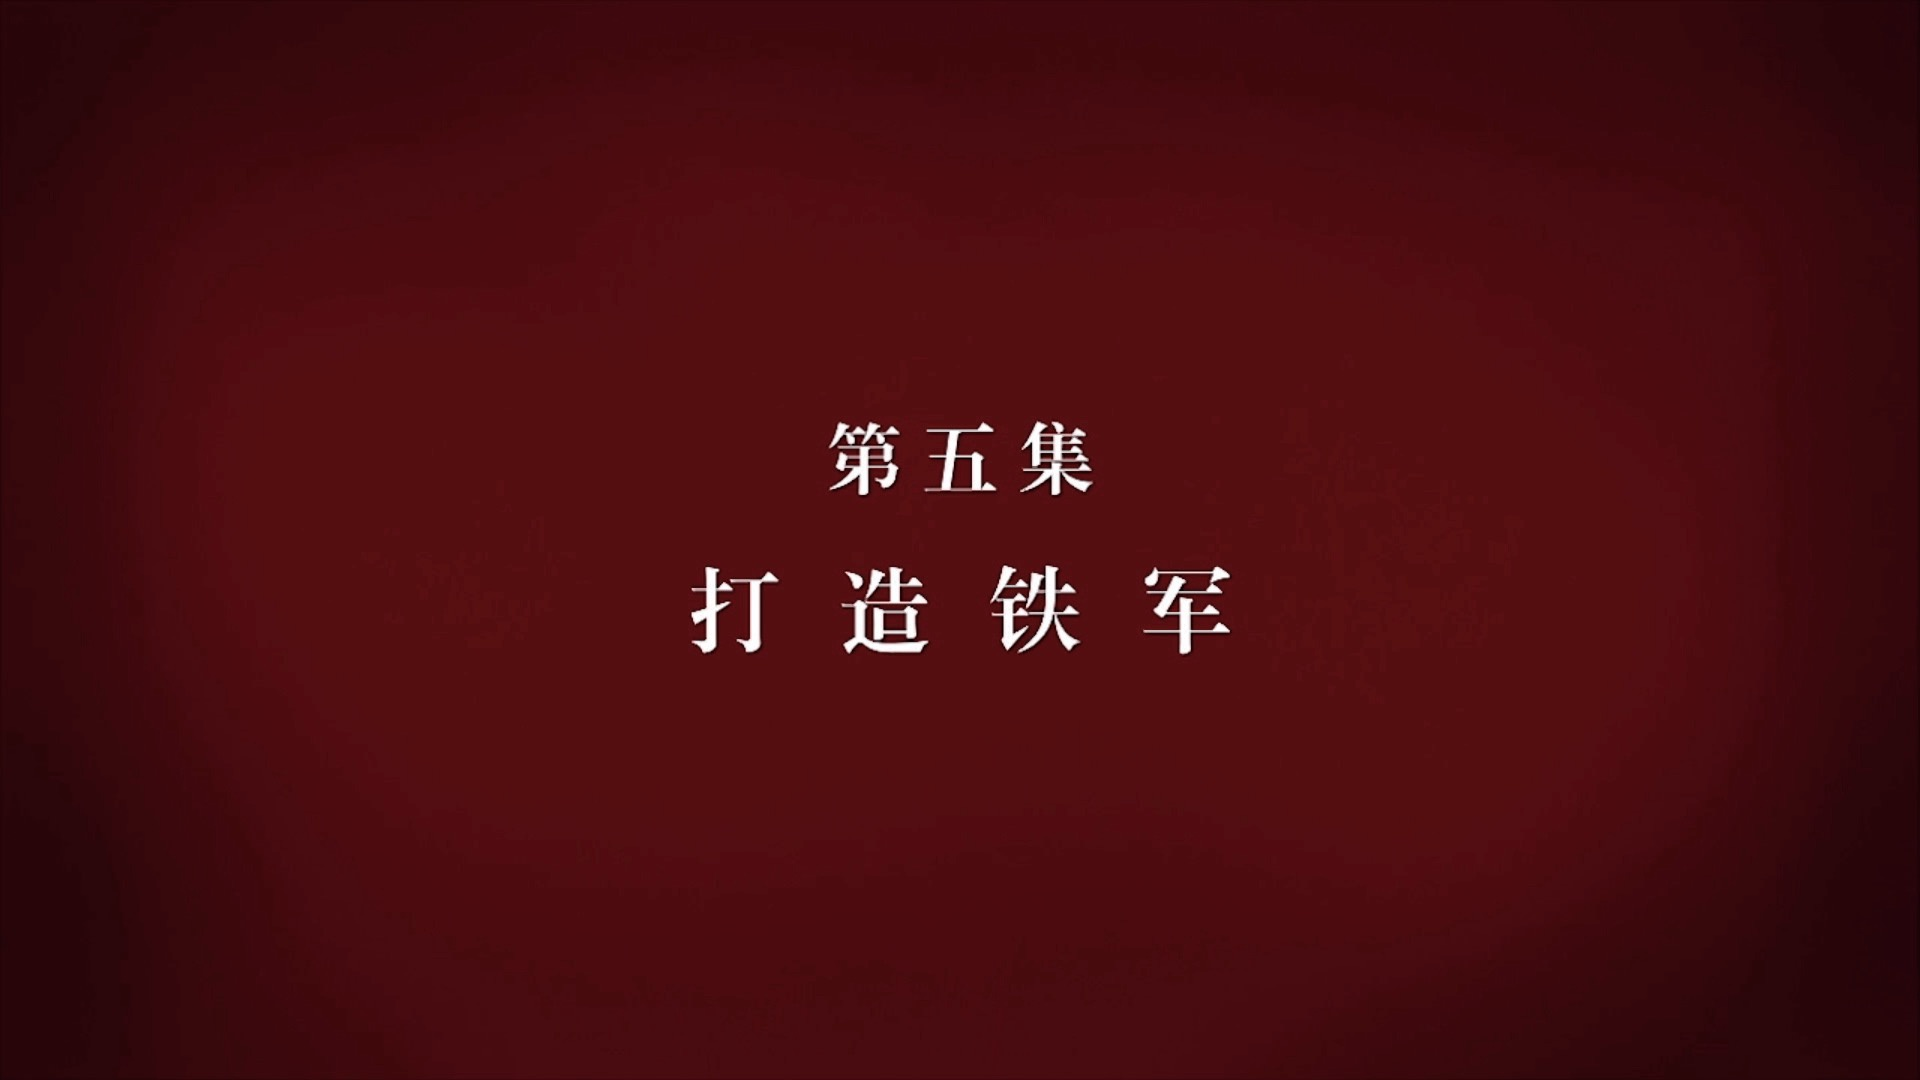 邊反腐邊腐敗 省紀委領導唆使涉案人強硬對抗調查